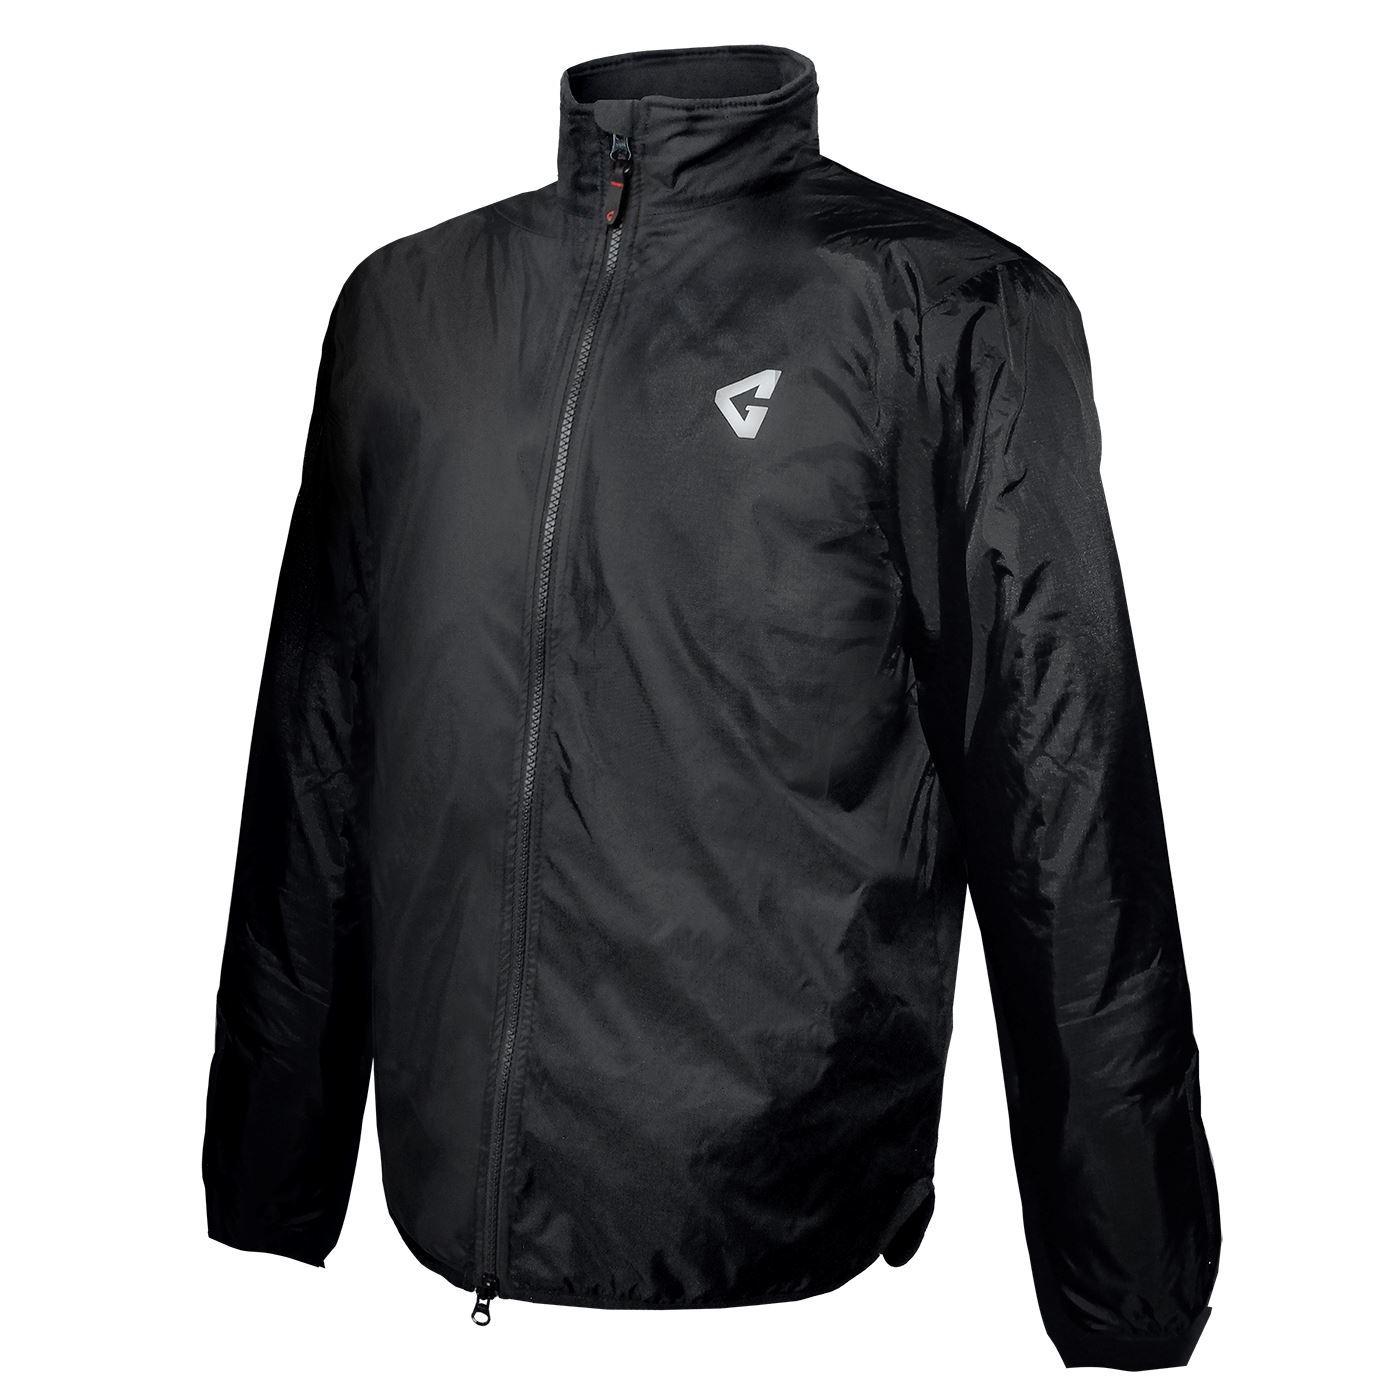 Heated jacket liner.